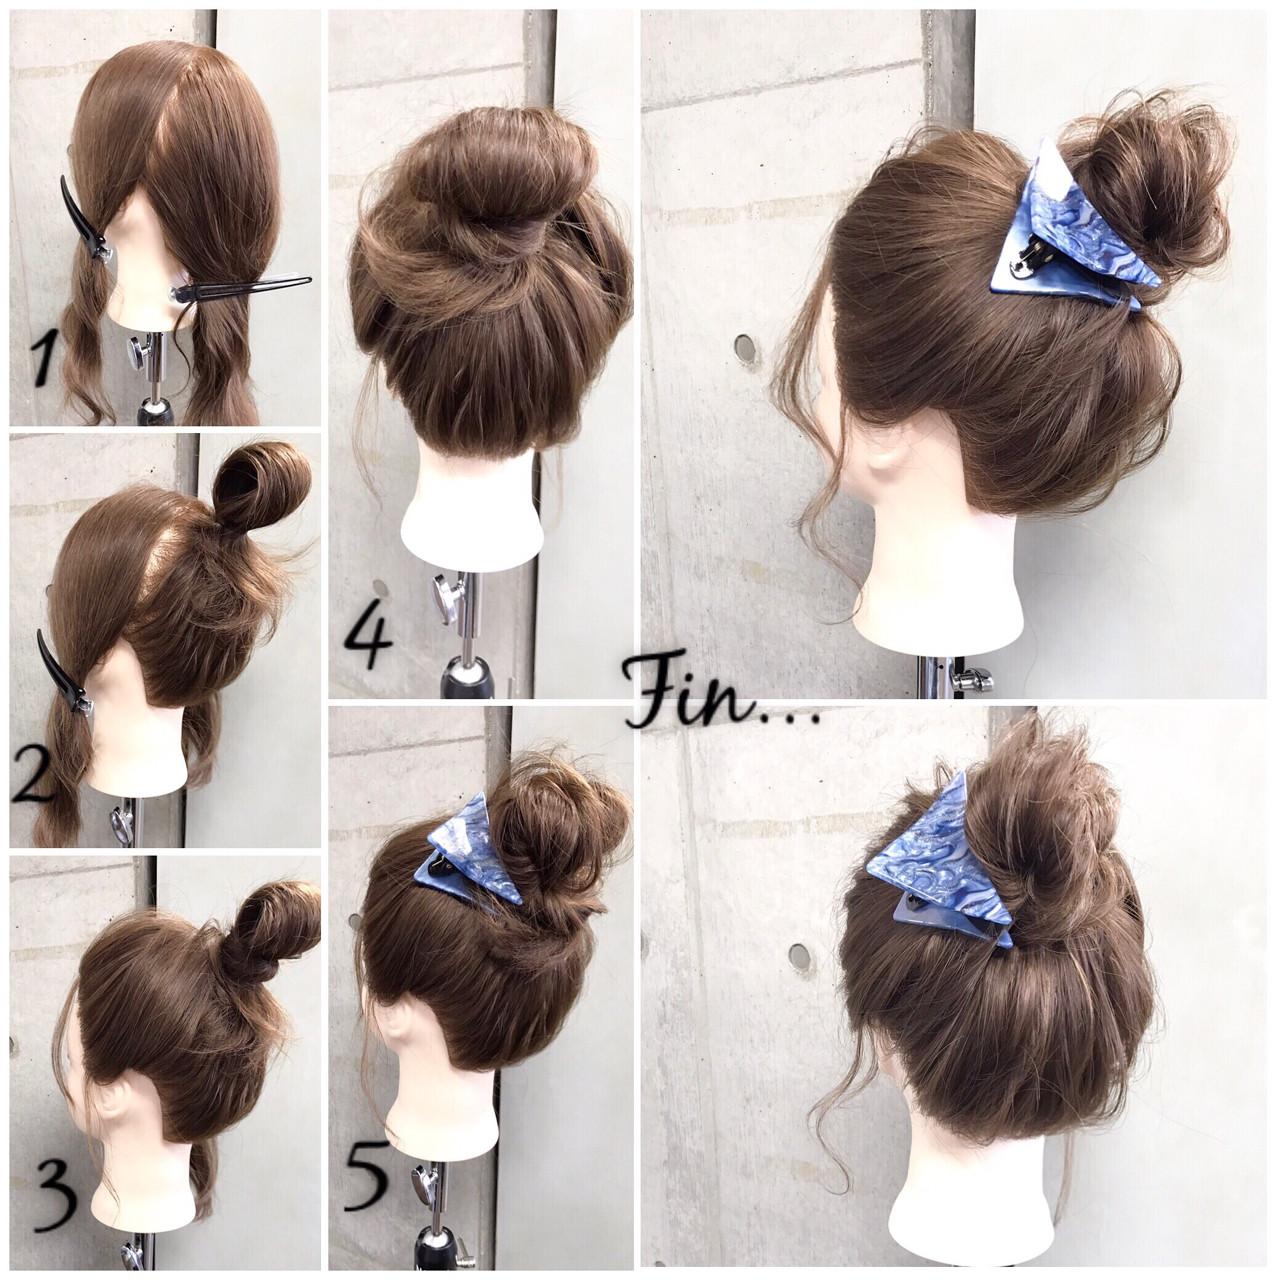 簡単 セミロング 簡単ヘアアレンジ ナチュラル ヘアスタイルや髪型の写真・画像